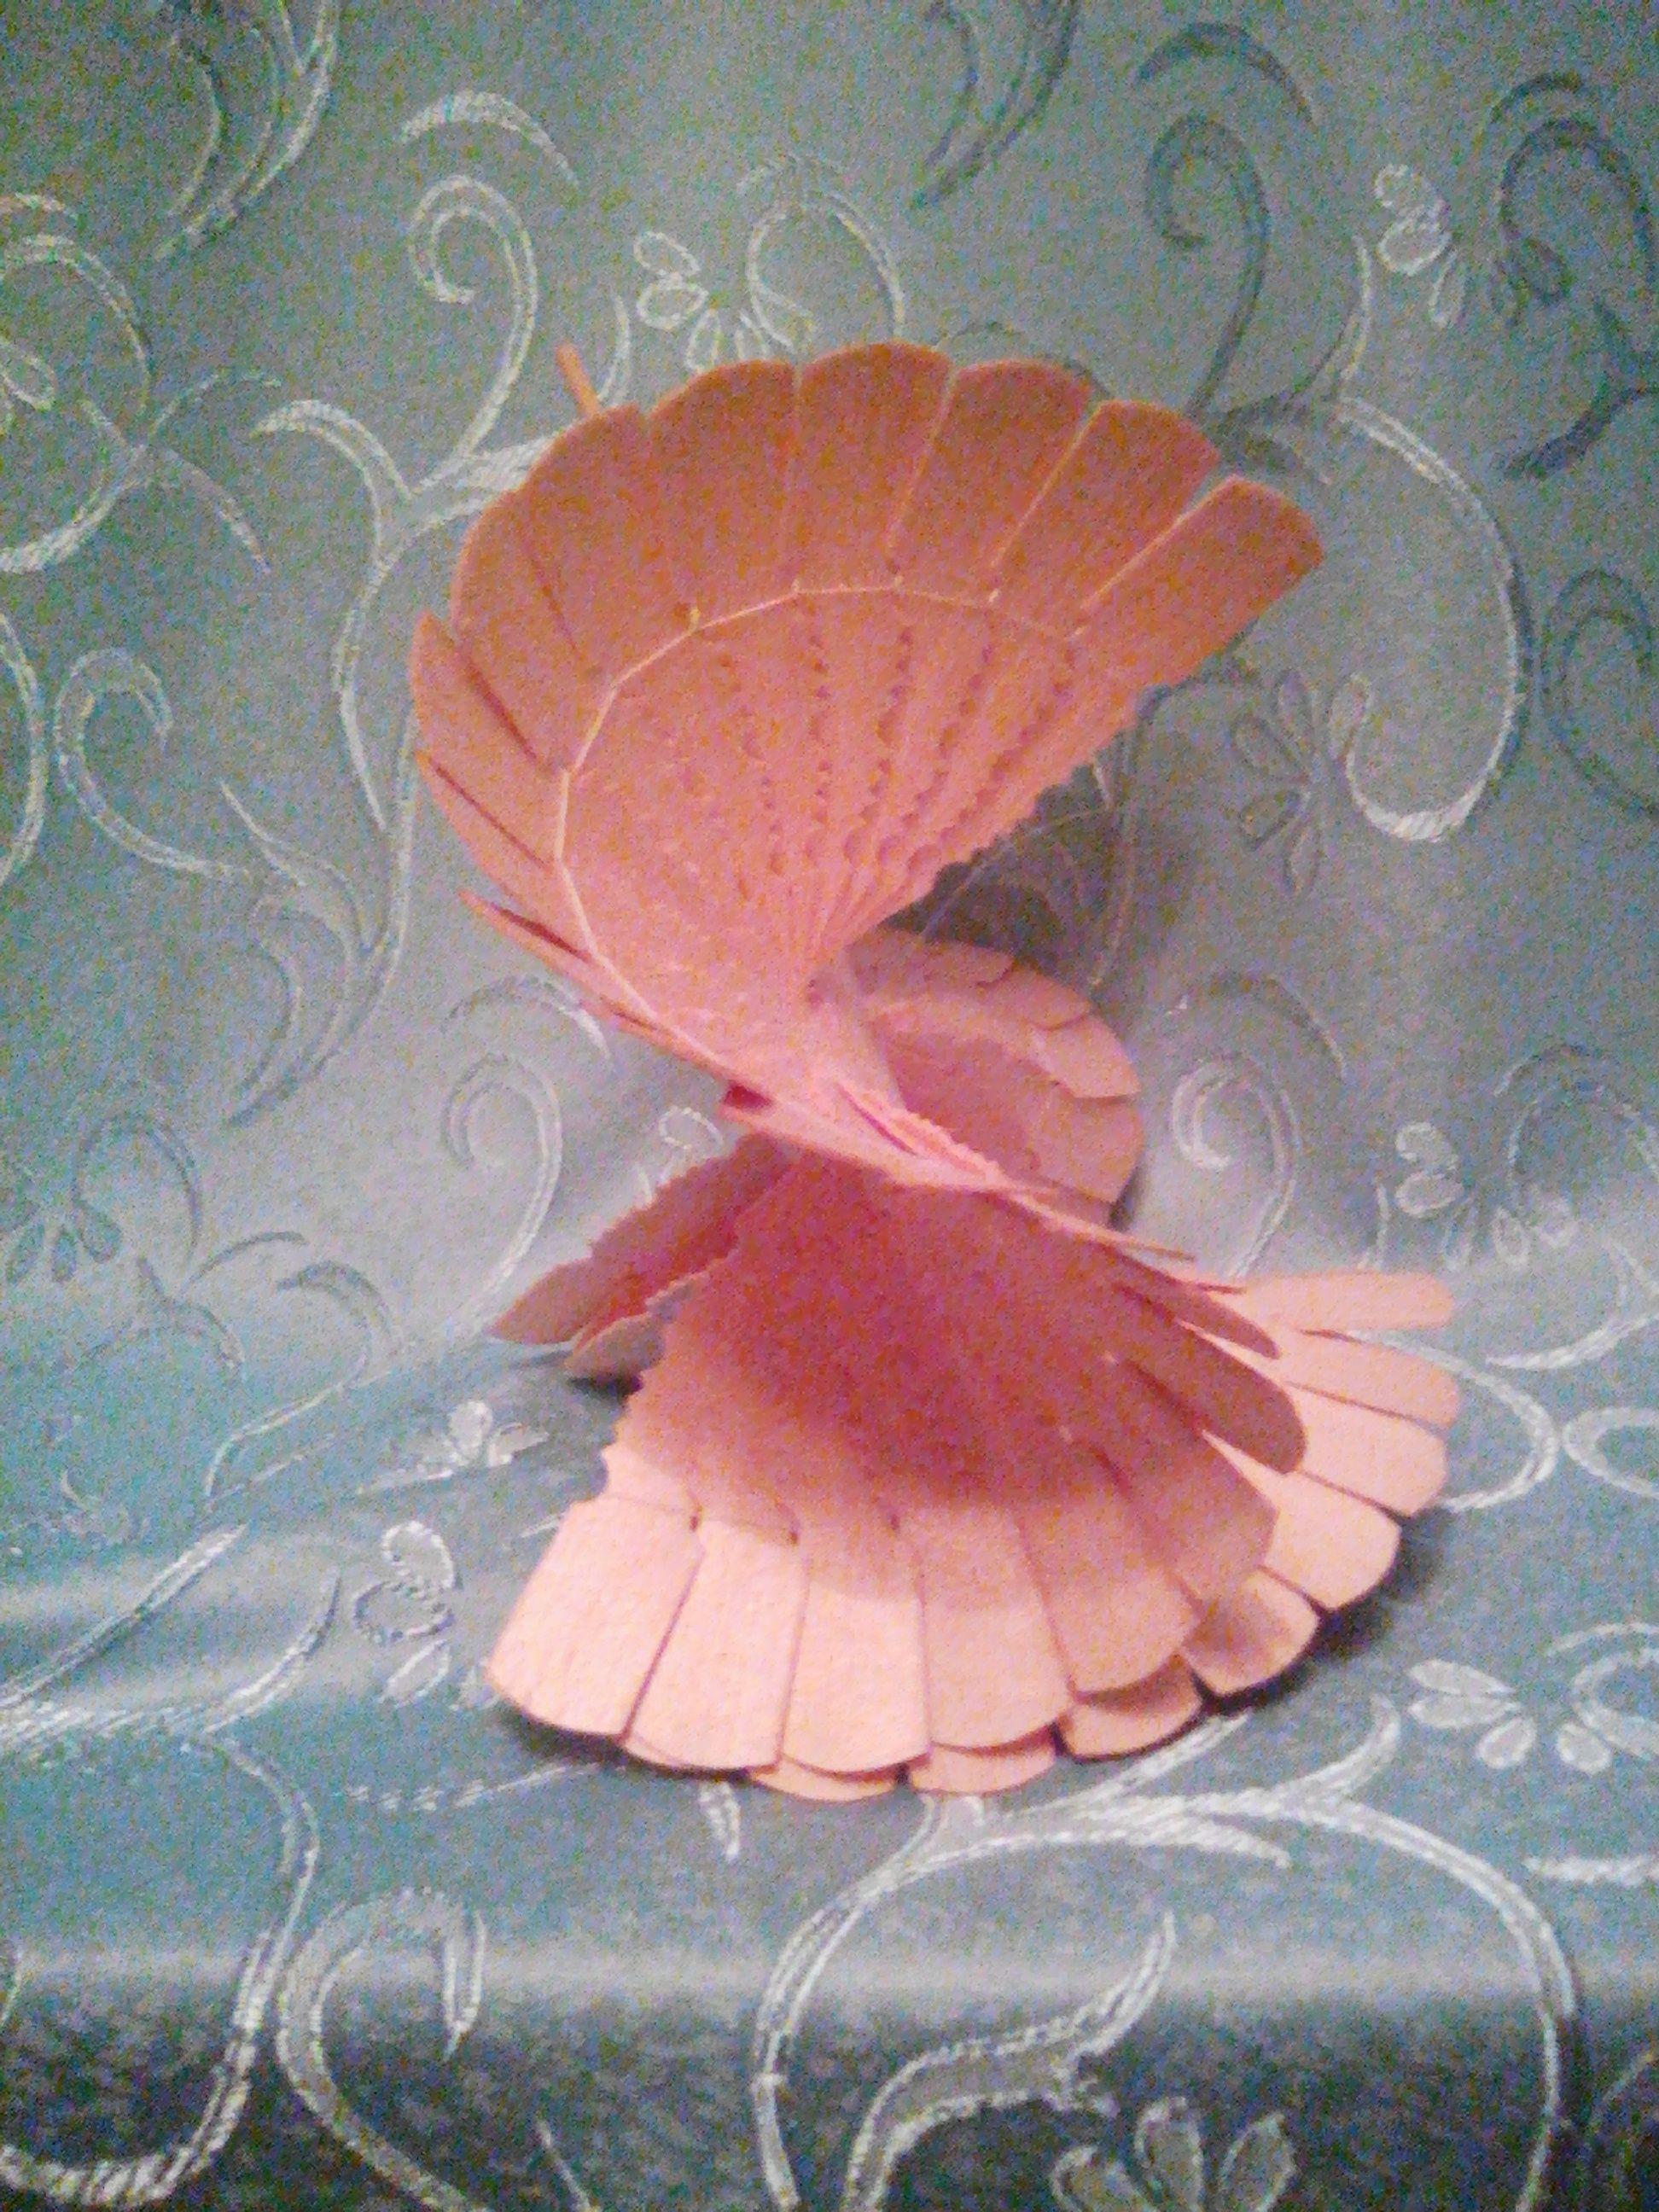 любую дата дорогой радость подарок оберег свет юбилей на талисман сюрприз счастье птица праздник жизнь добрый мечта дом любимой свадьба